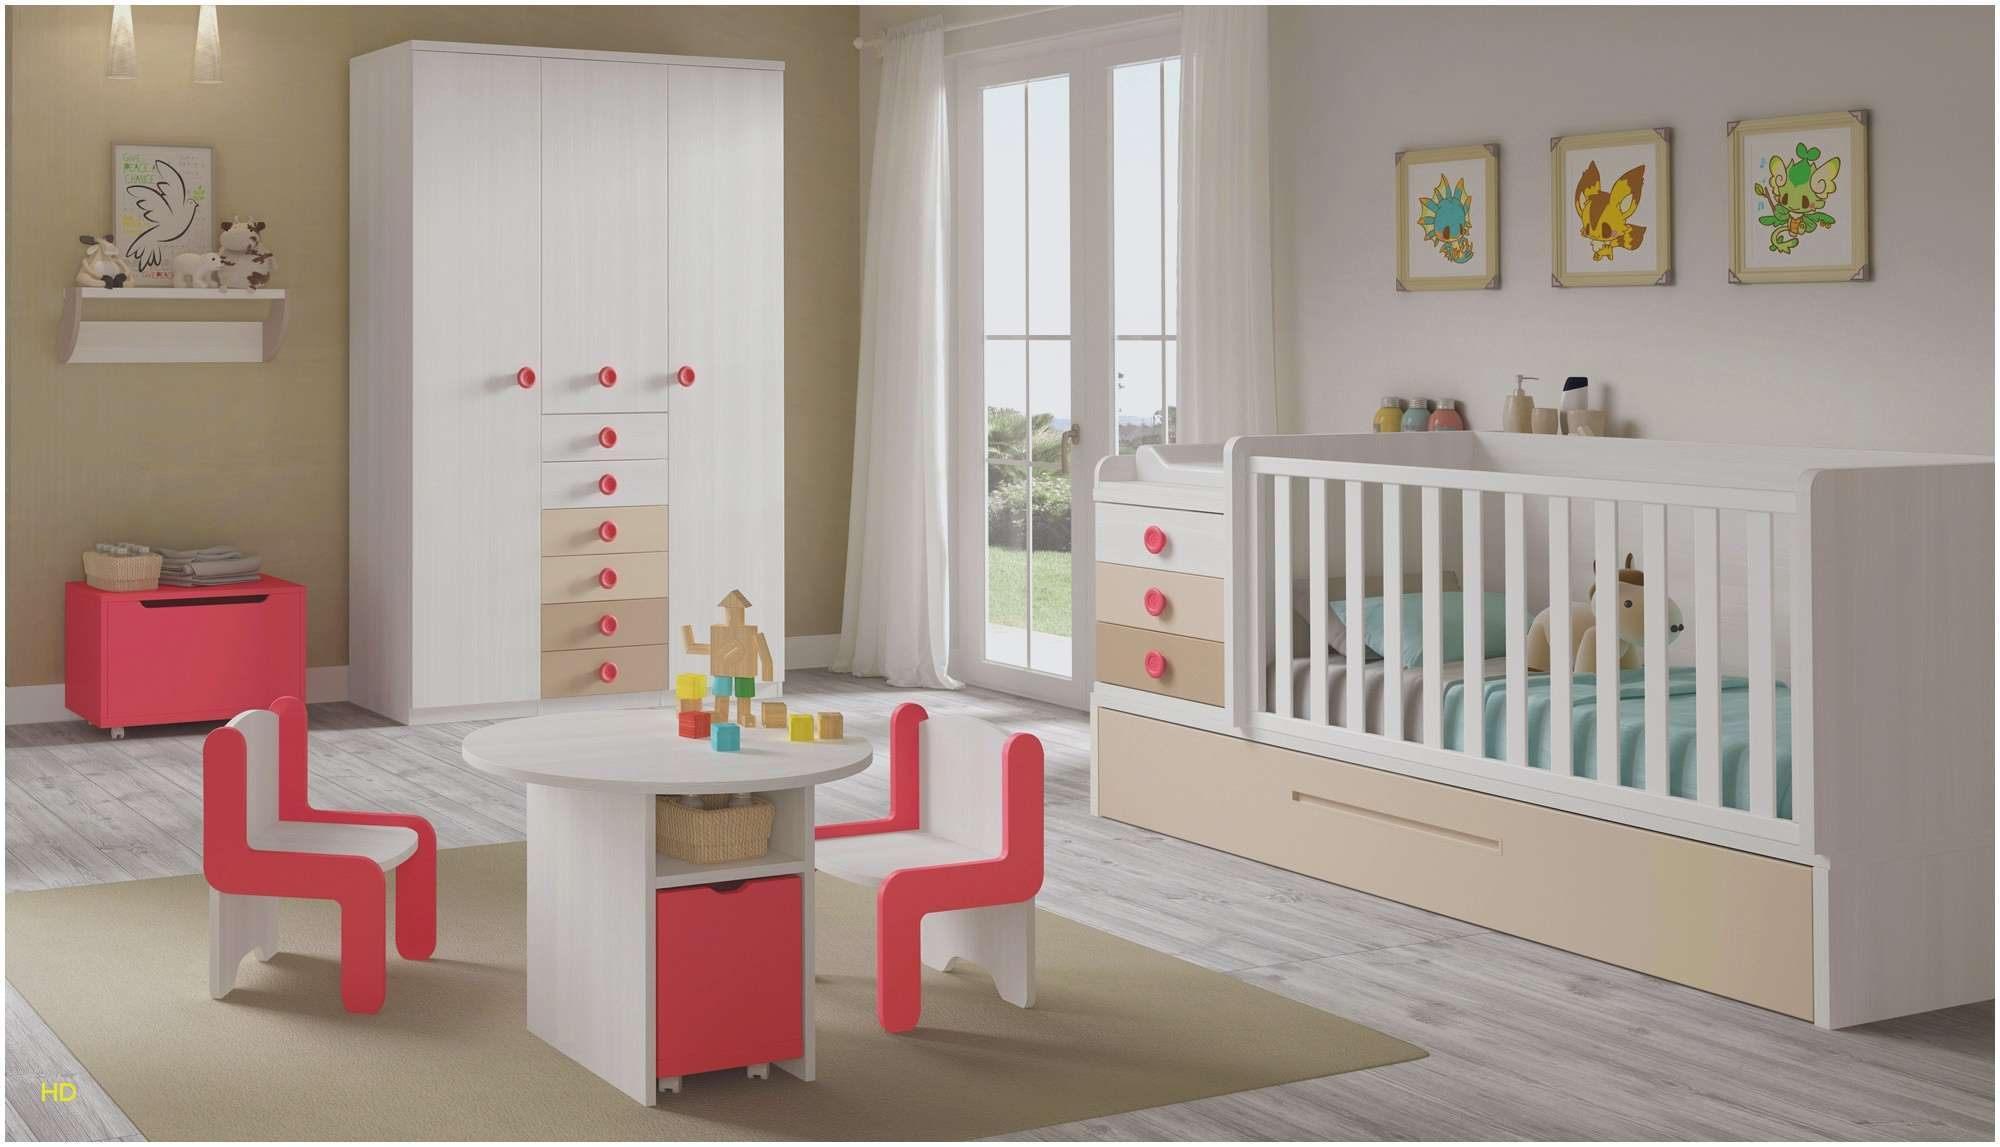 67 De Luxe Lit Montessori Bébé 9 Mois Images